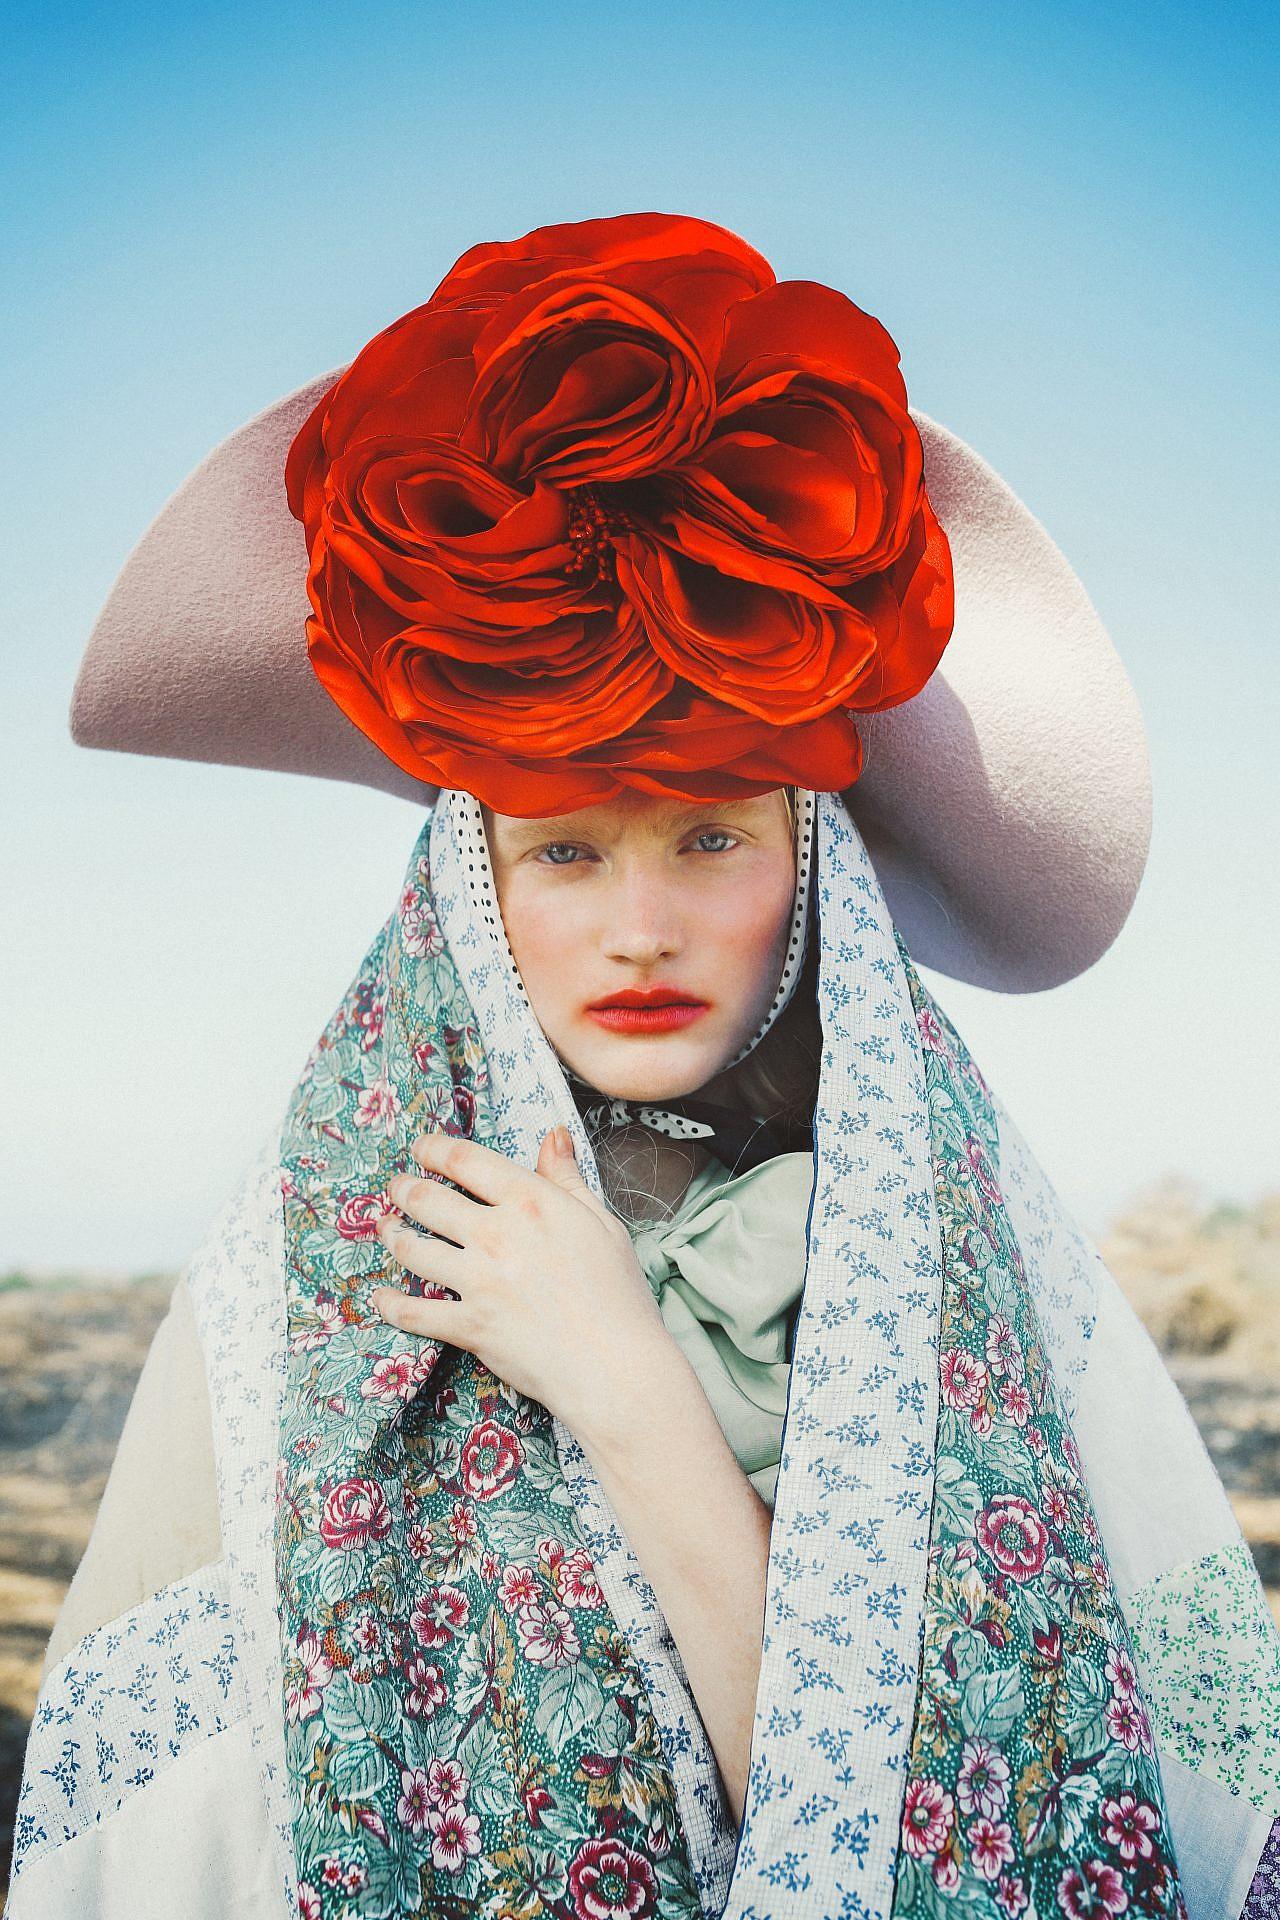 צילום: אלה אוזן, סטיילינג: חיה וידר. חולצה קשירת פפיון -זארה, חולצת סריג פנדי באמור, מטפחת אלדו, כובע -אורית אביעזר , אקססורי פרח אדום -הדר שבח לשנקר